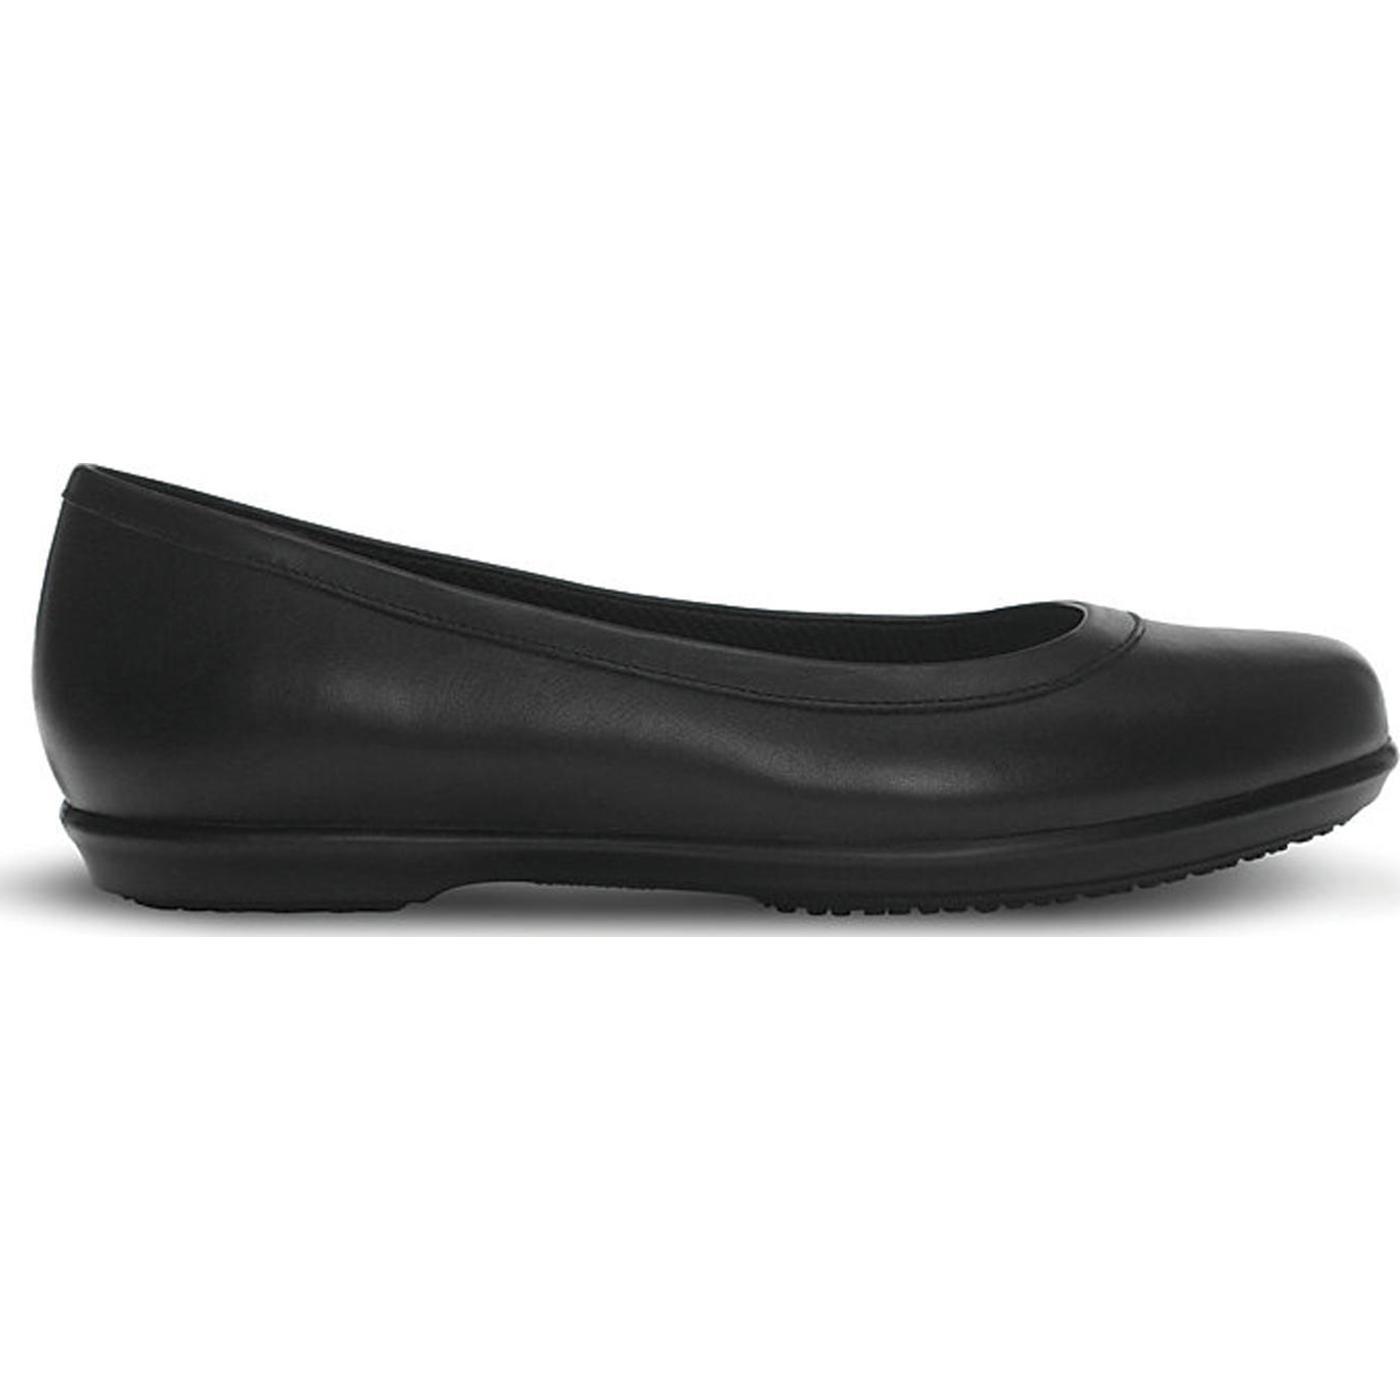 73ddd90817173 Crocs Women s Grace Flat Slip Resistant SkimmerCrocs Women s Grace Flat Slip  Resistant Skimmer